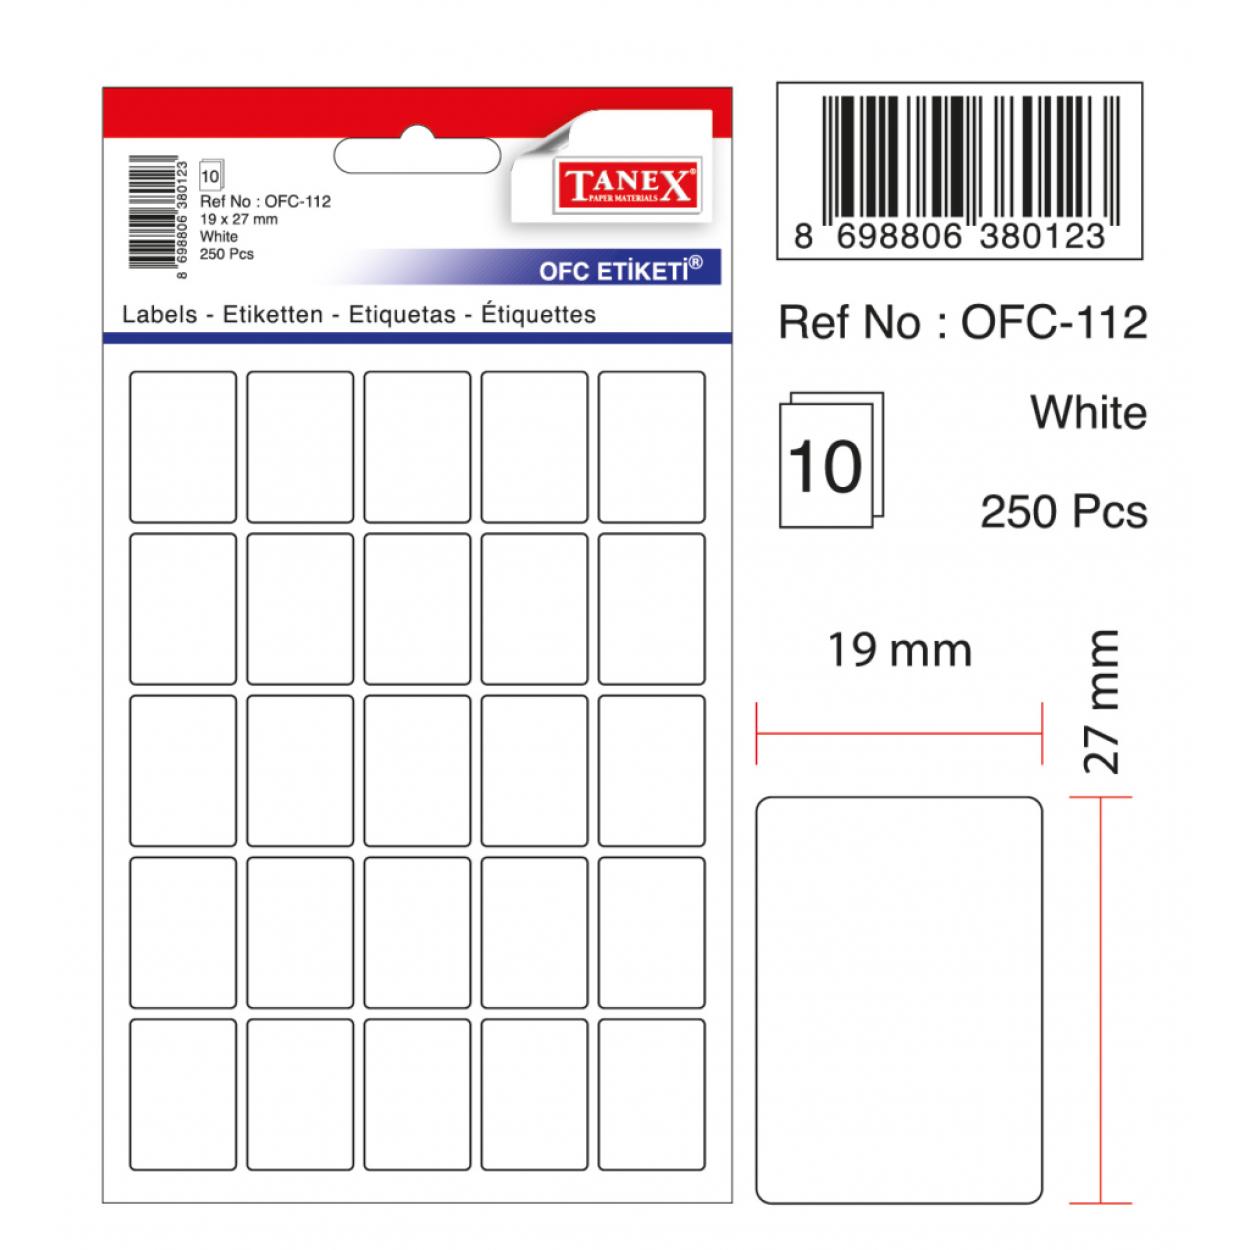 Tanex Ofc-112 Beyaz Ofis Etiketi